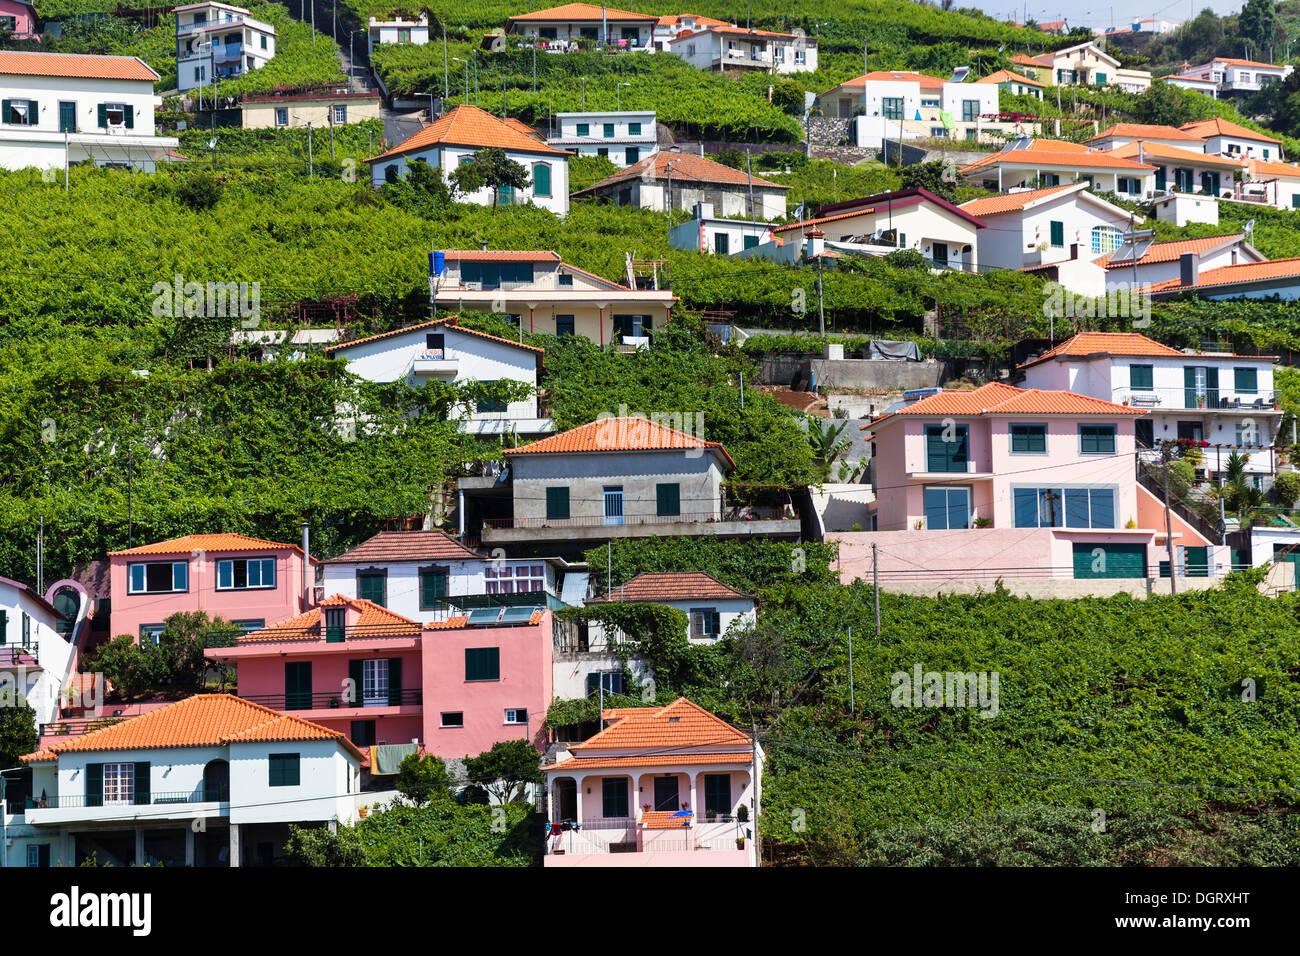 The colorful houses of Câmara de Lobos, Funchal, Estreito de Câmara de Lobos, Ilha da Madeira, Portugal Stock Photo